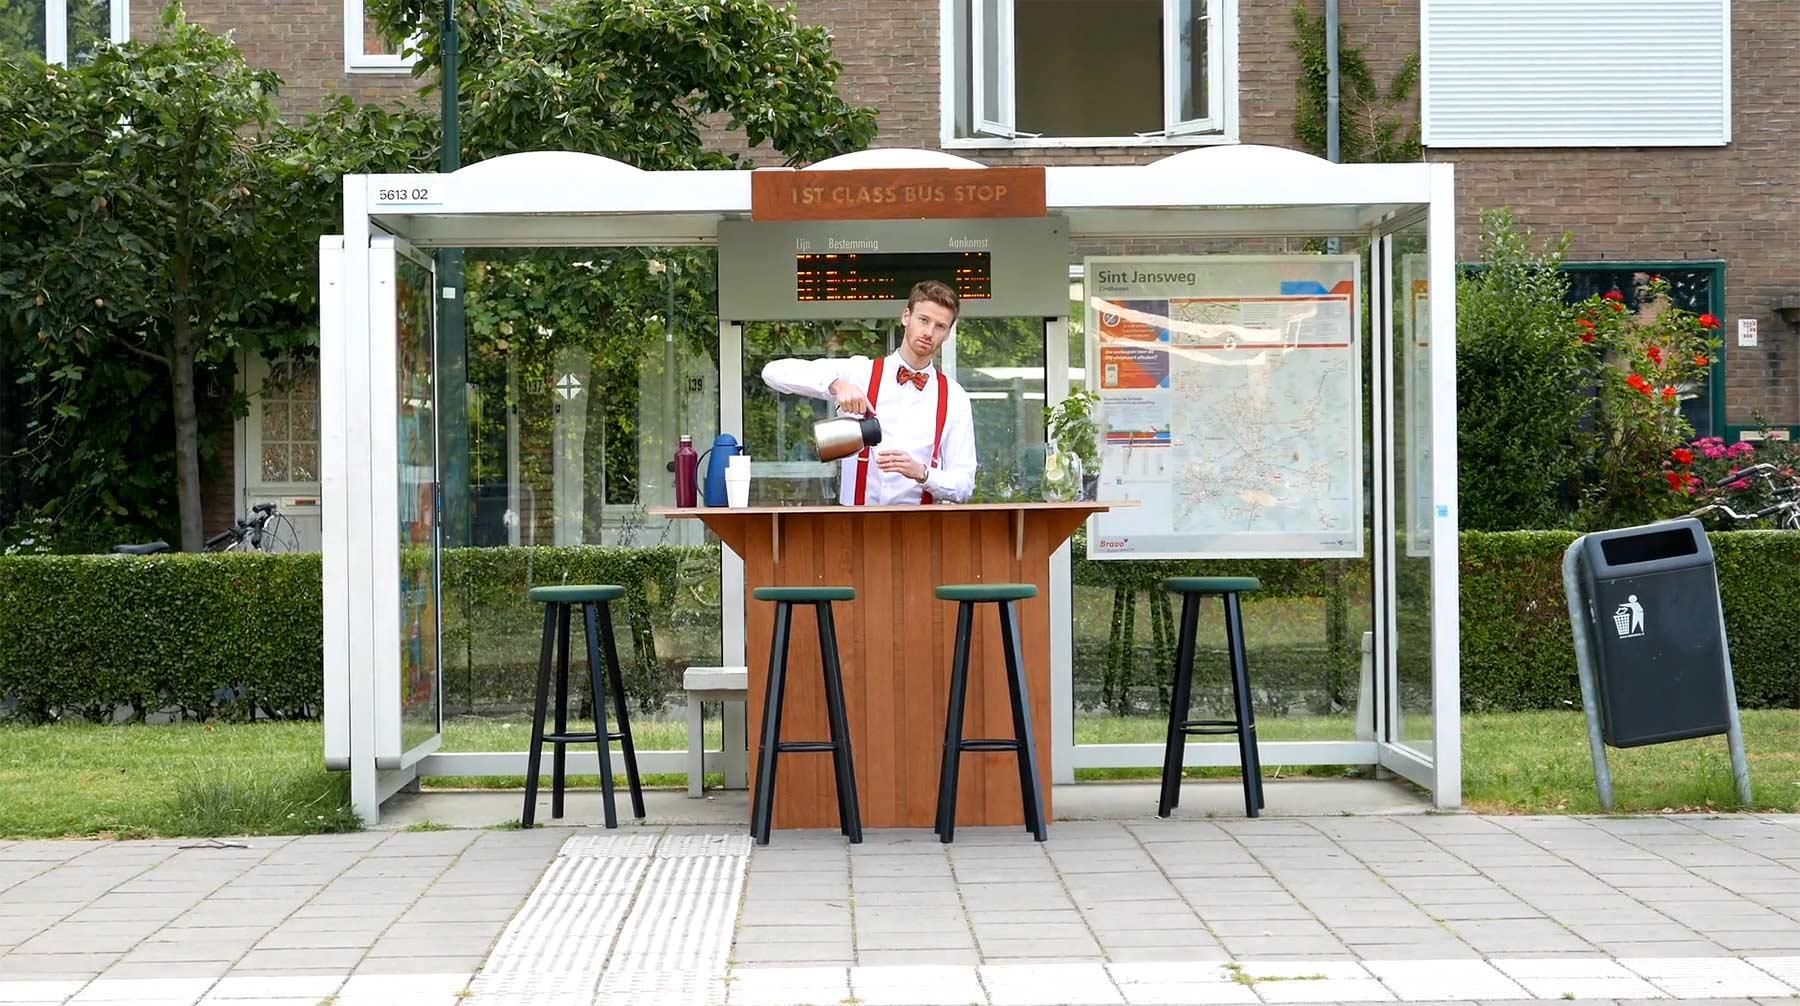 Langweilige Bushaltestelle in Erste-Klasse-Bar umgewandelt